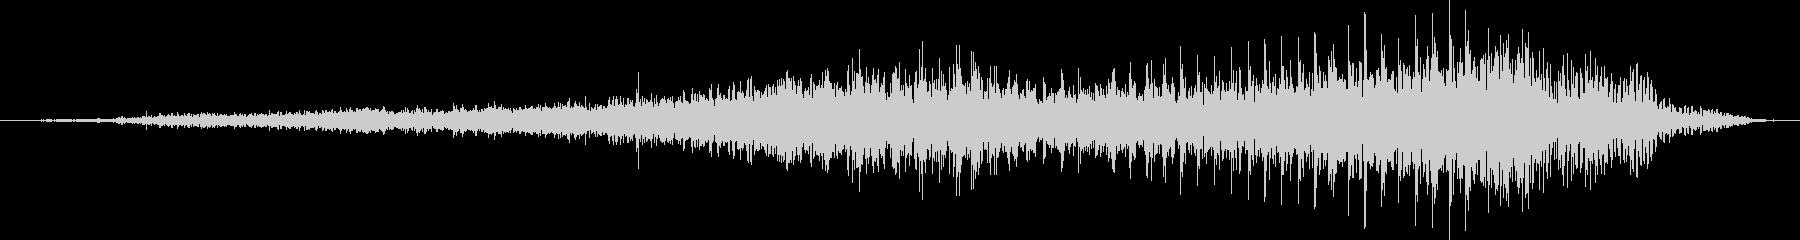 1933オースティン16:内線:低...の未再生の波形